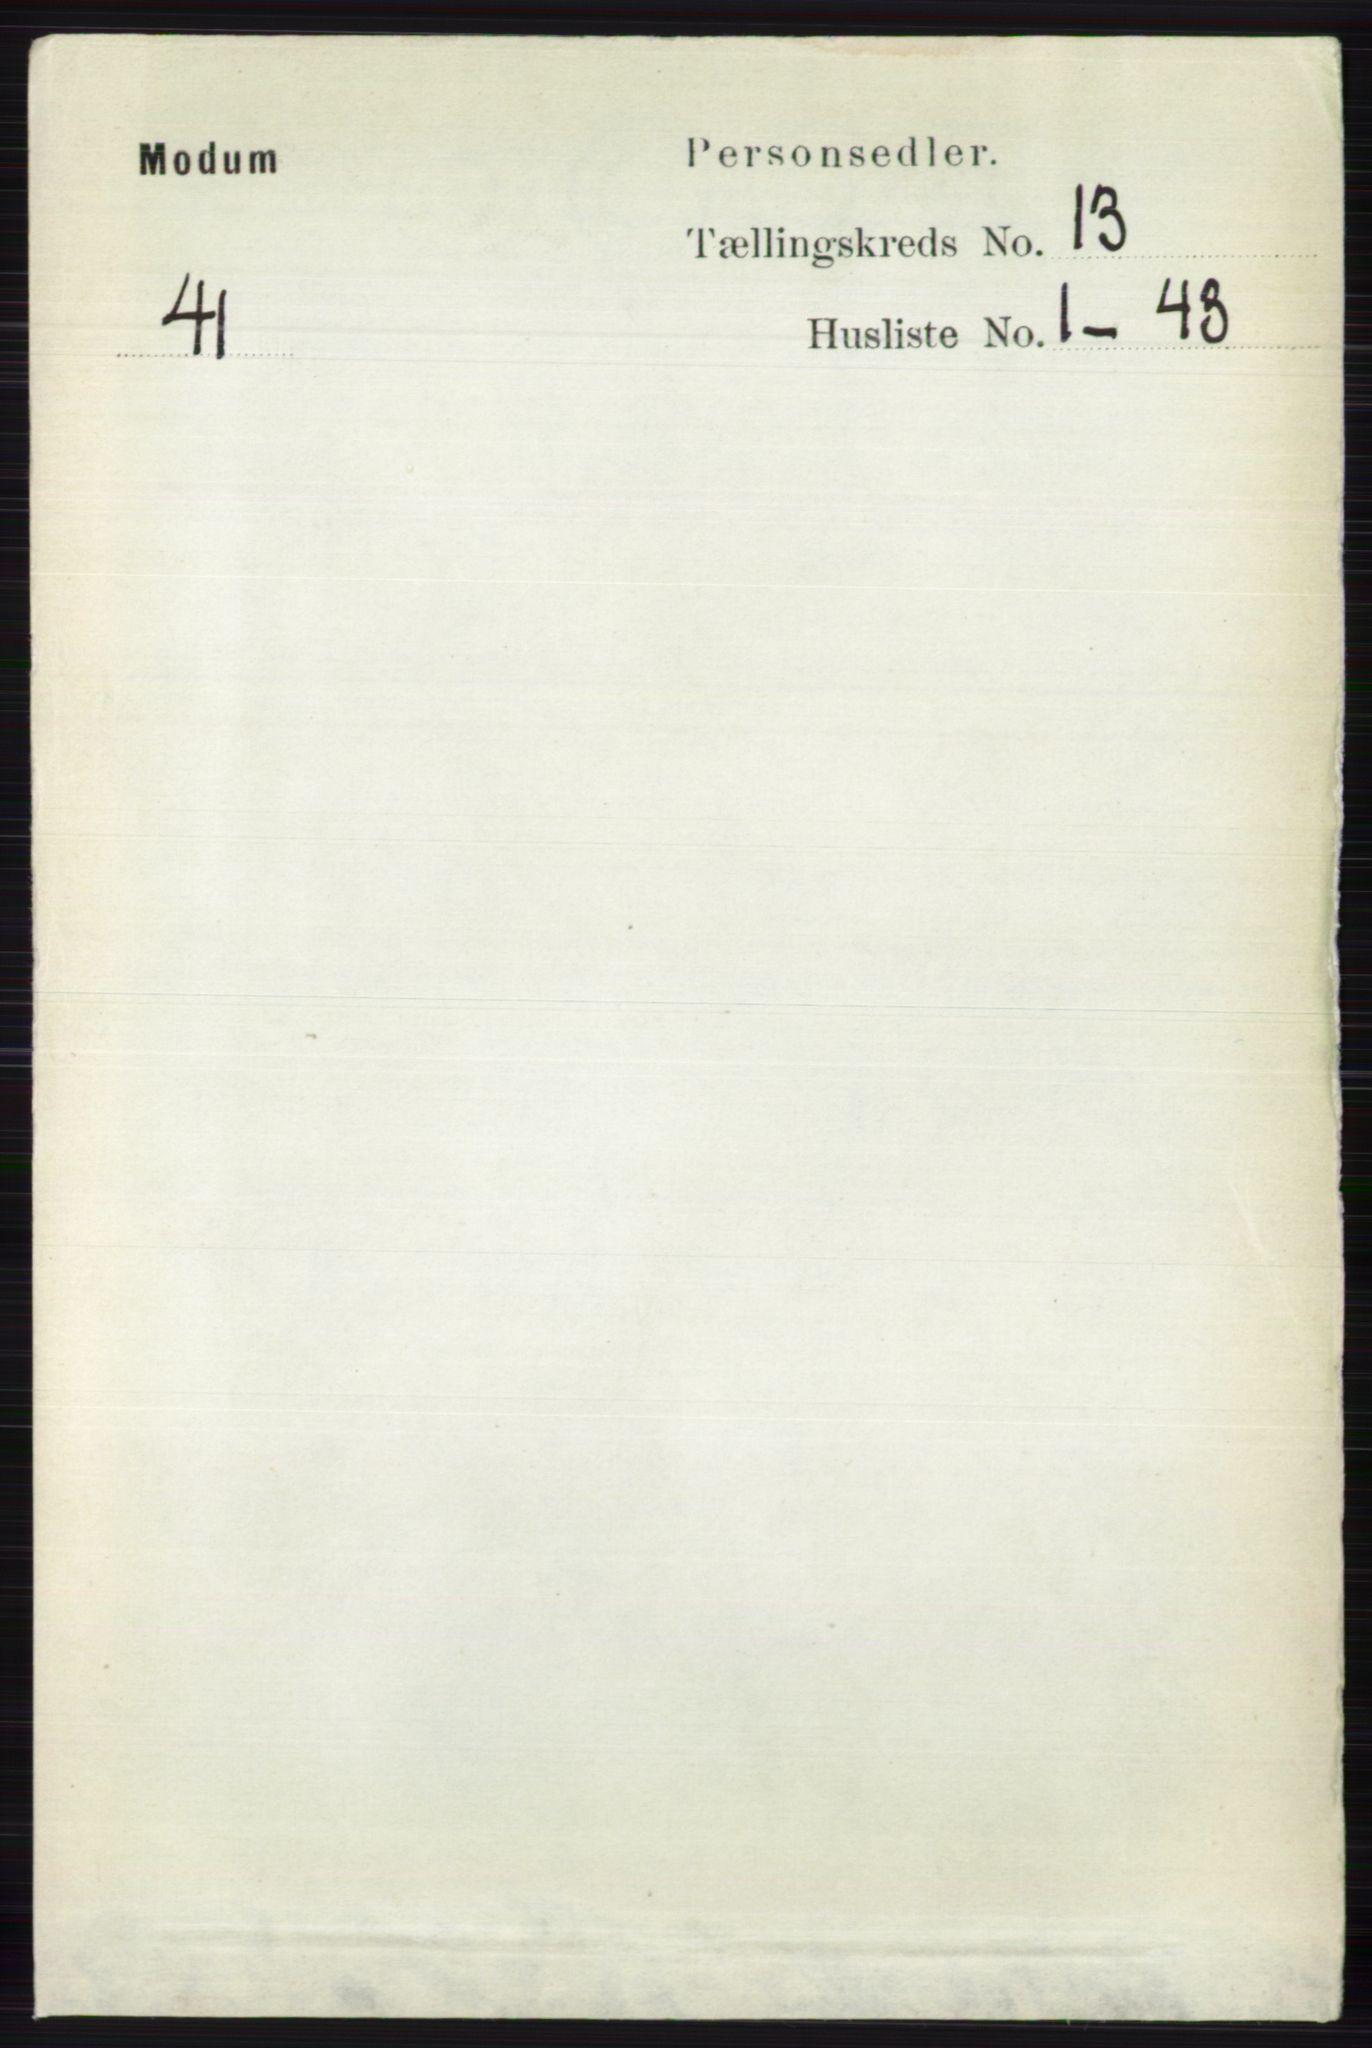 RA, Folketelling 1891 for 0623 Modum herred, 1891, s. 4949